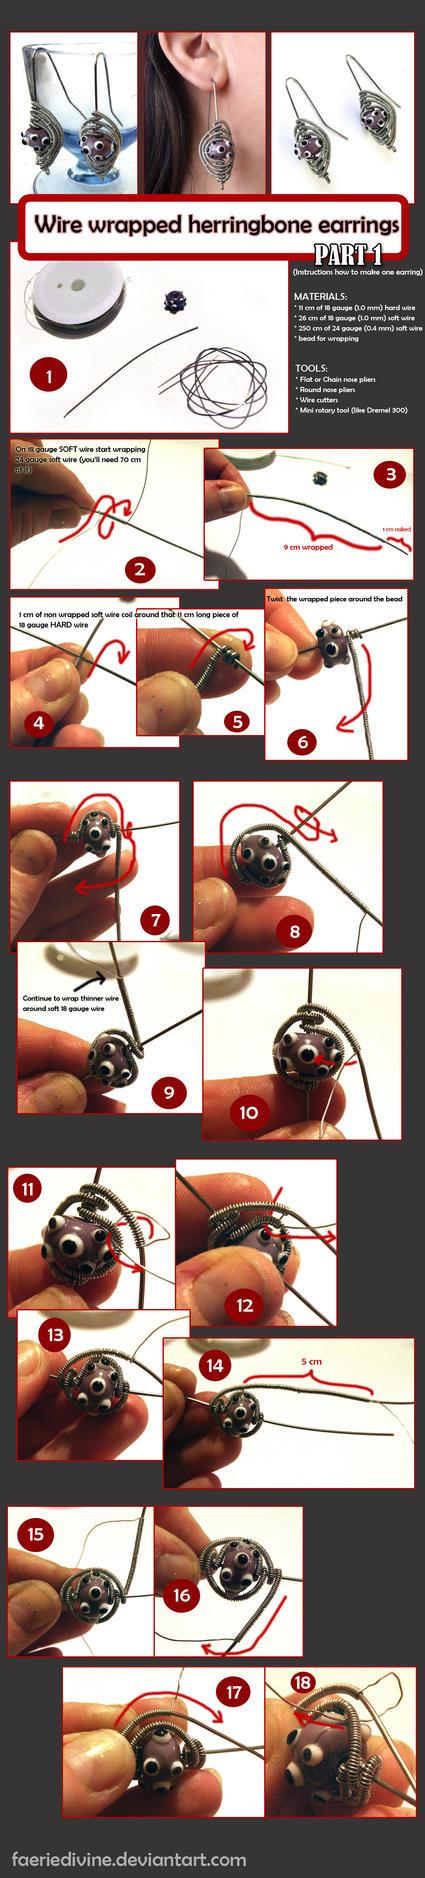 TUTORIAL - Wirewrapped herringbone earrings PT1 by Faeriedivine